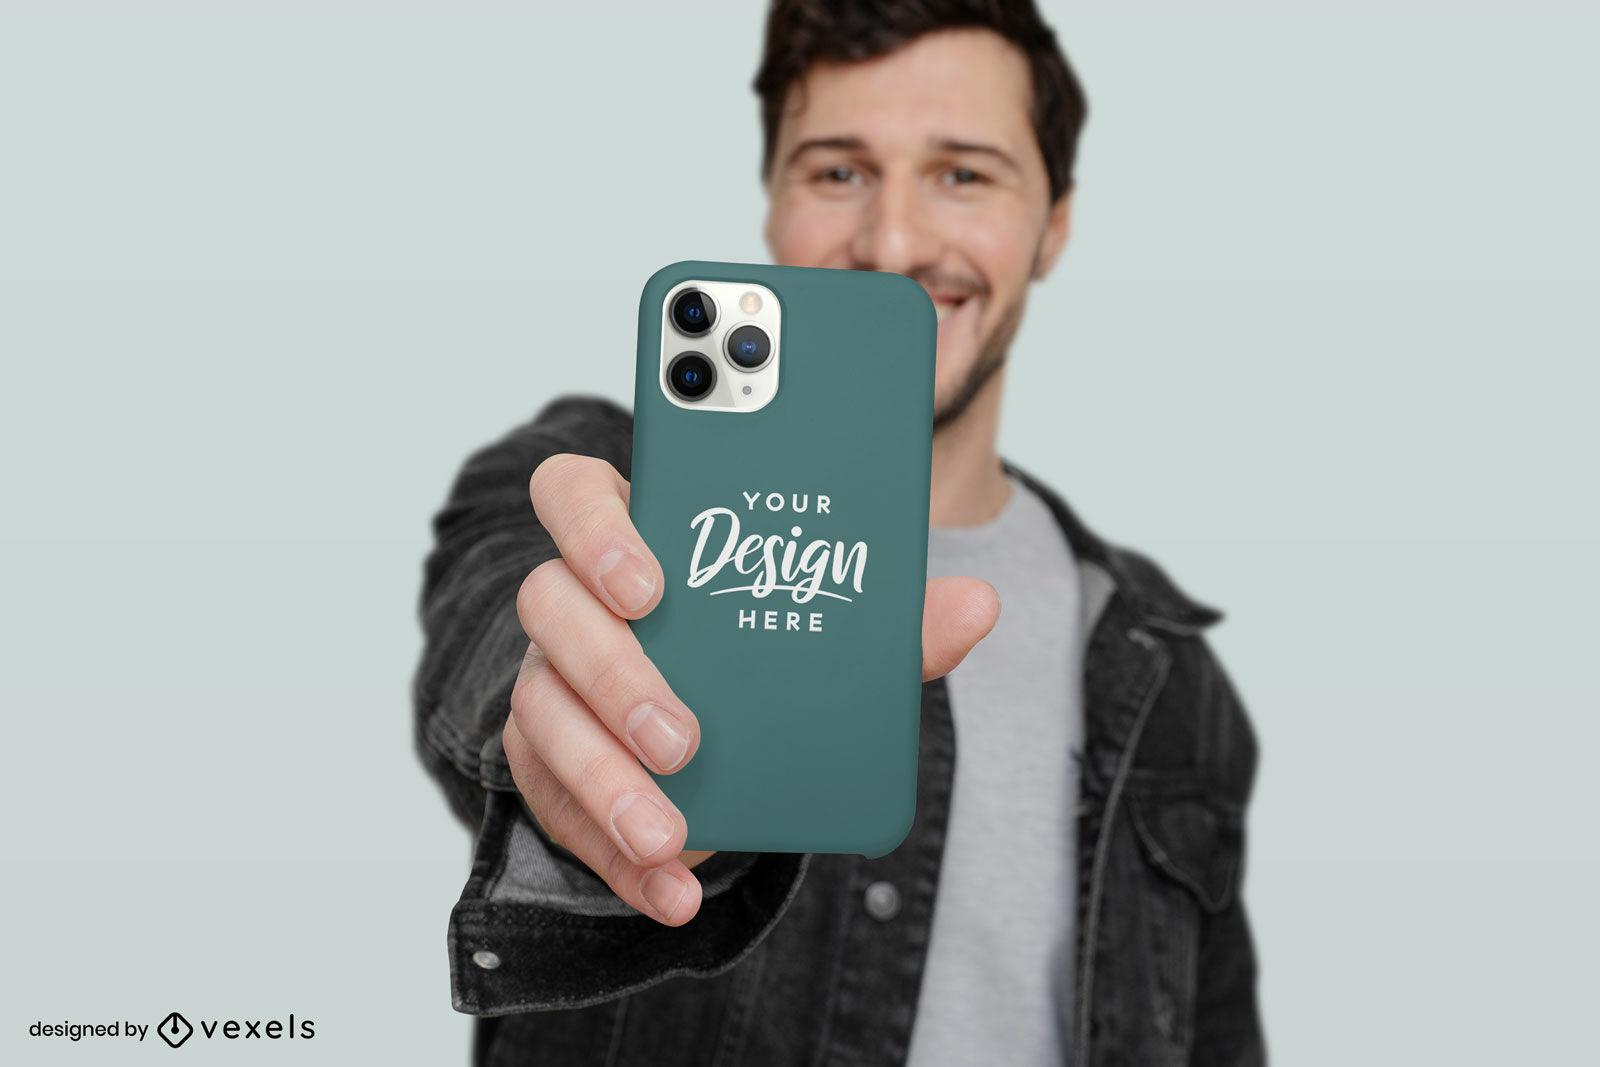 Mann, der in einem Telefonkastenmodell mit festem Hintergrund lächelt